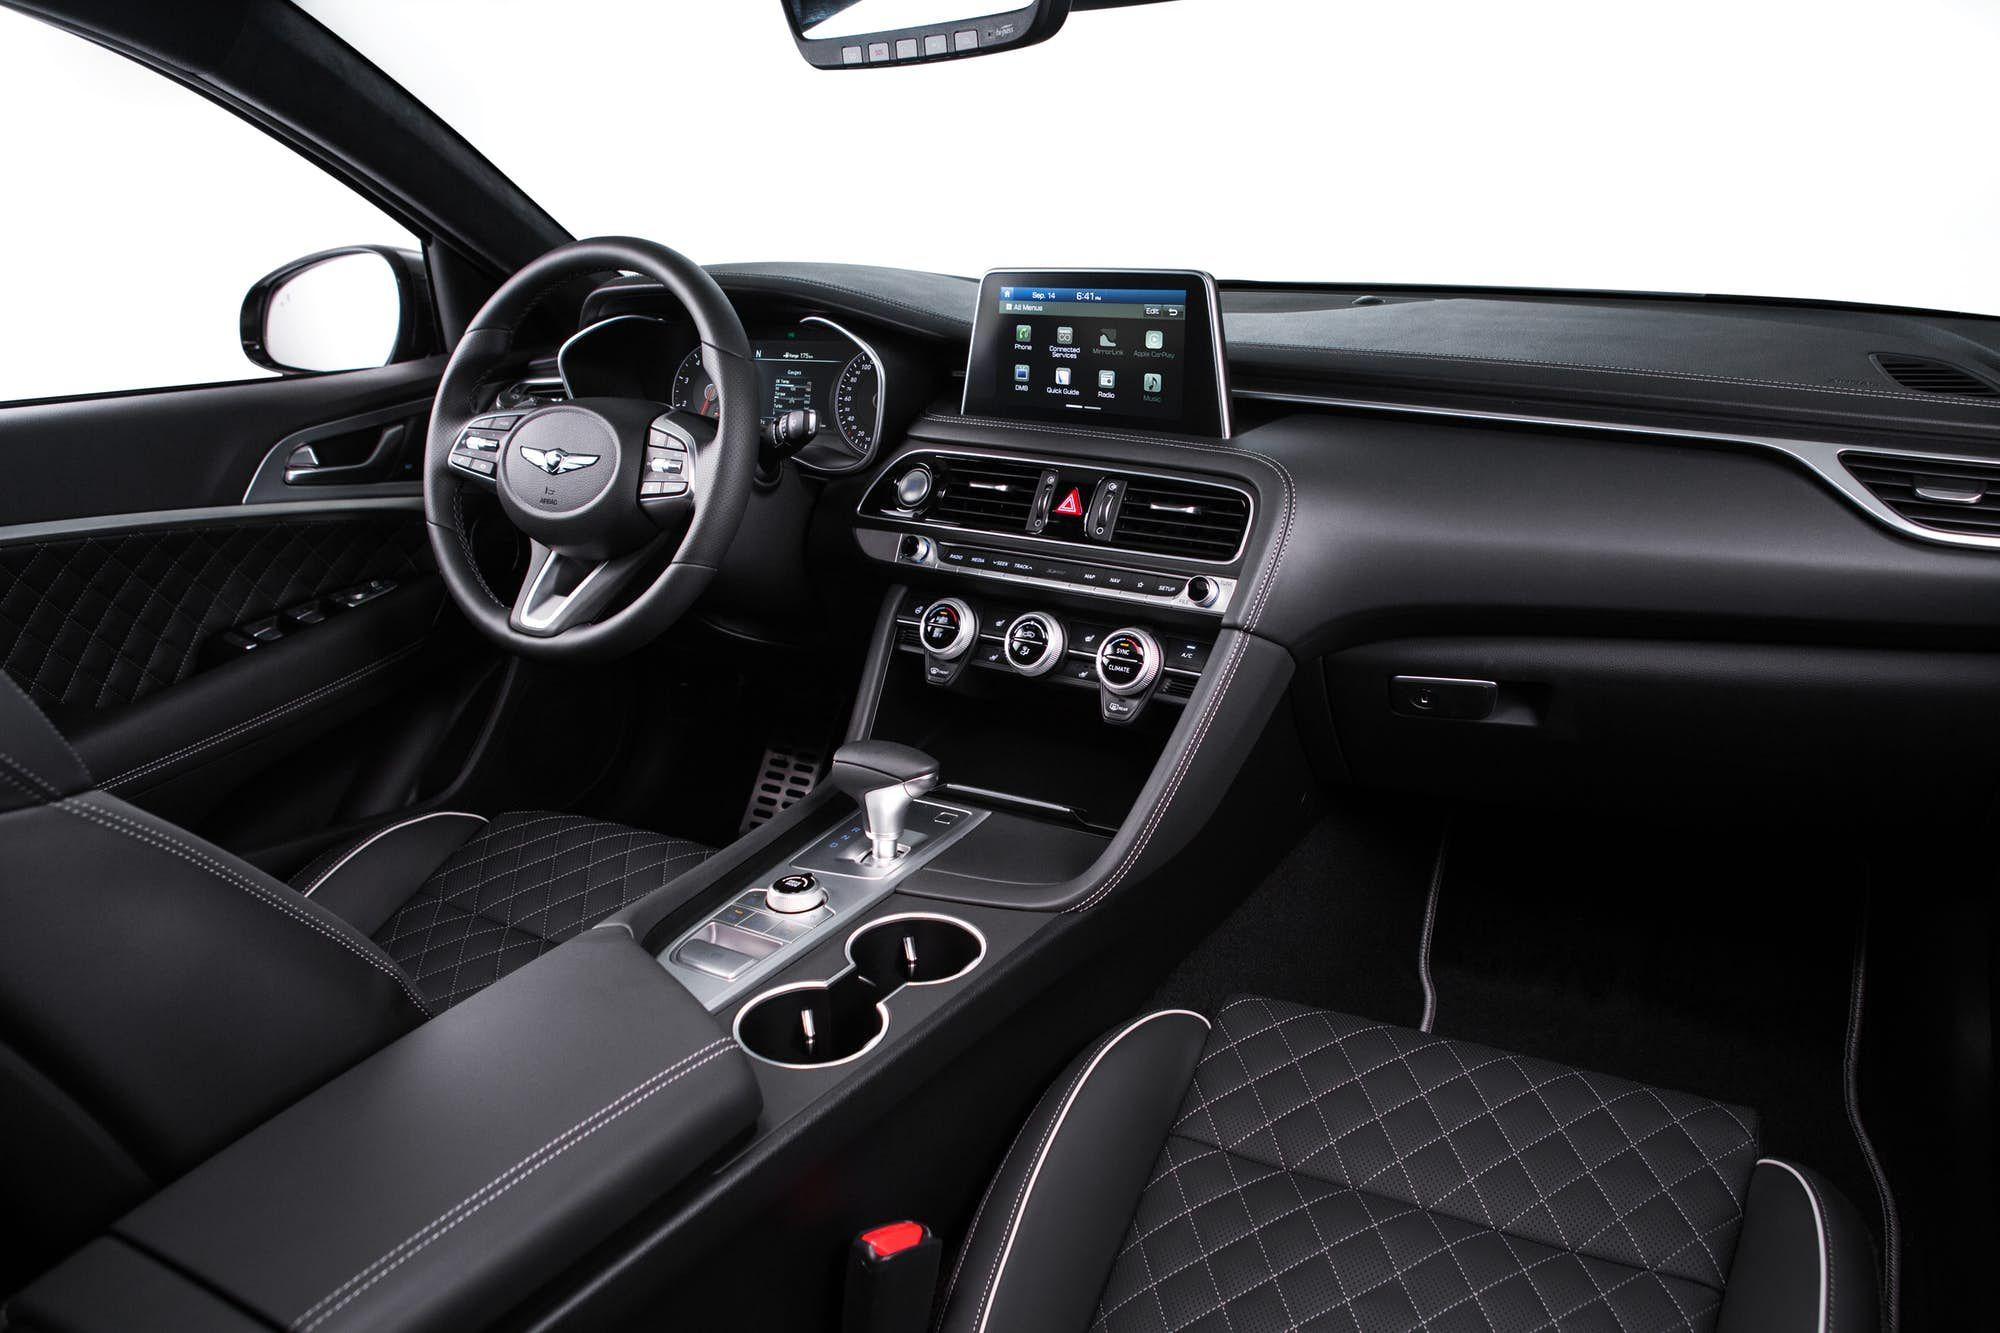 Behind The Wheel Of The Genesis G70 Sedan Hyundai Genesis Coupe Hyundai Genesis Hyundai